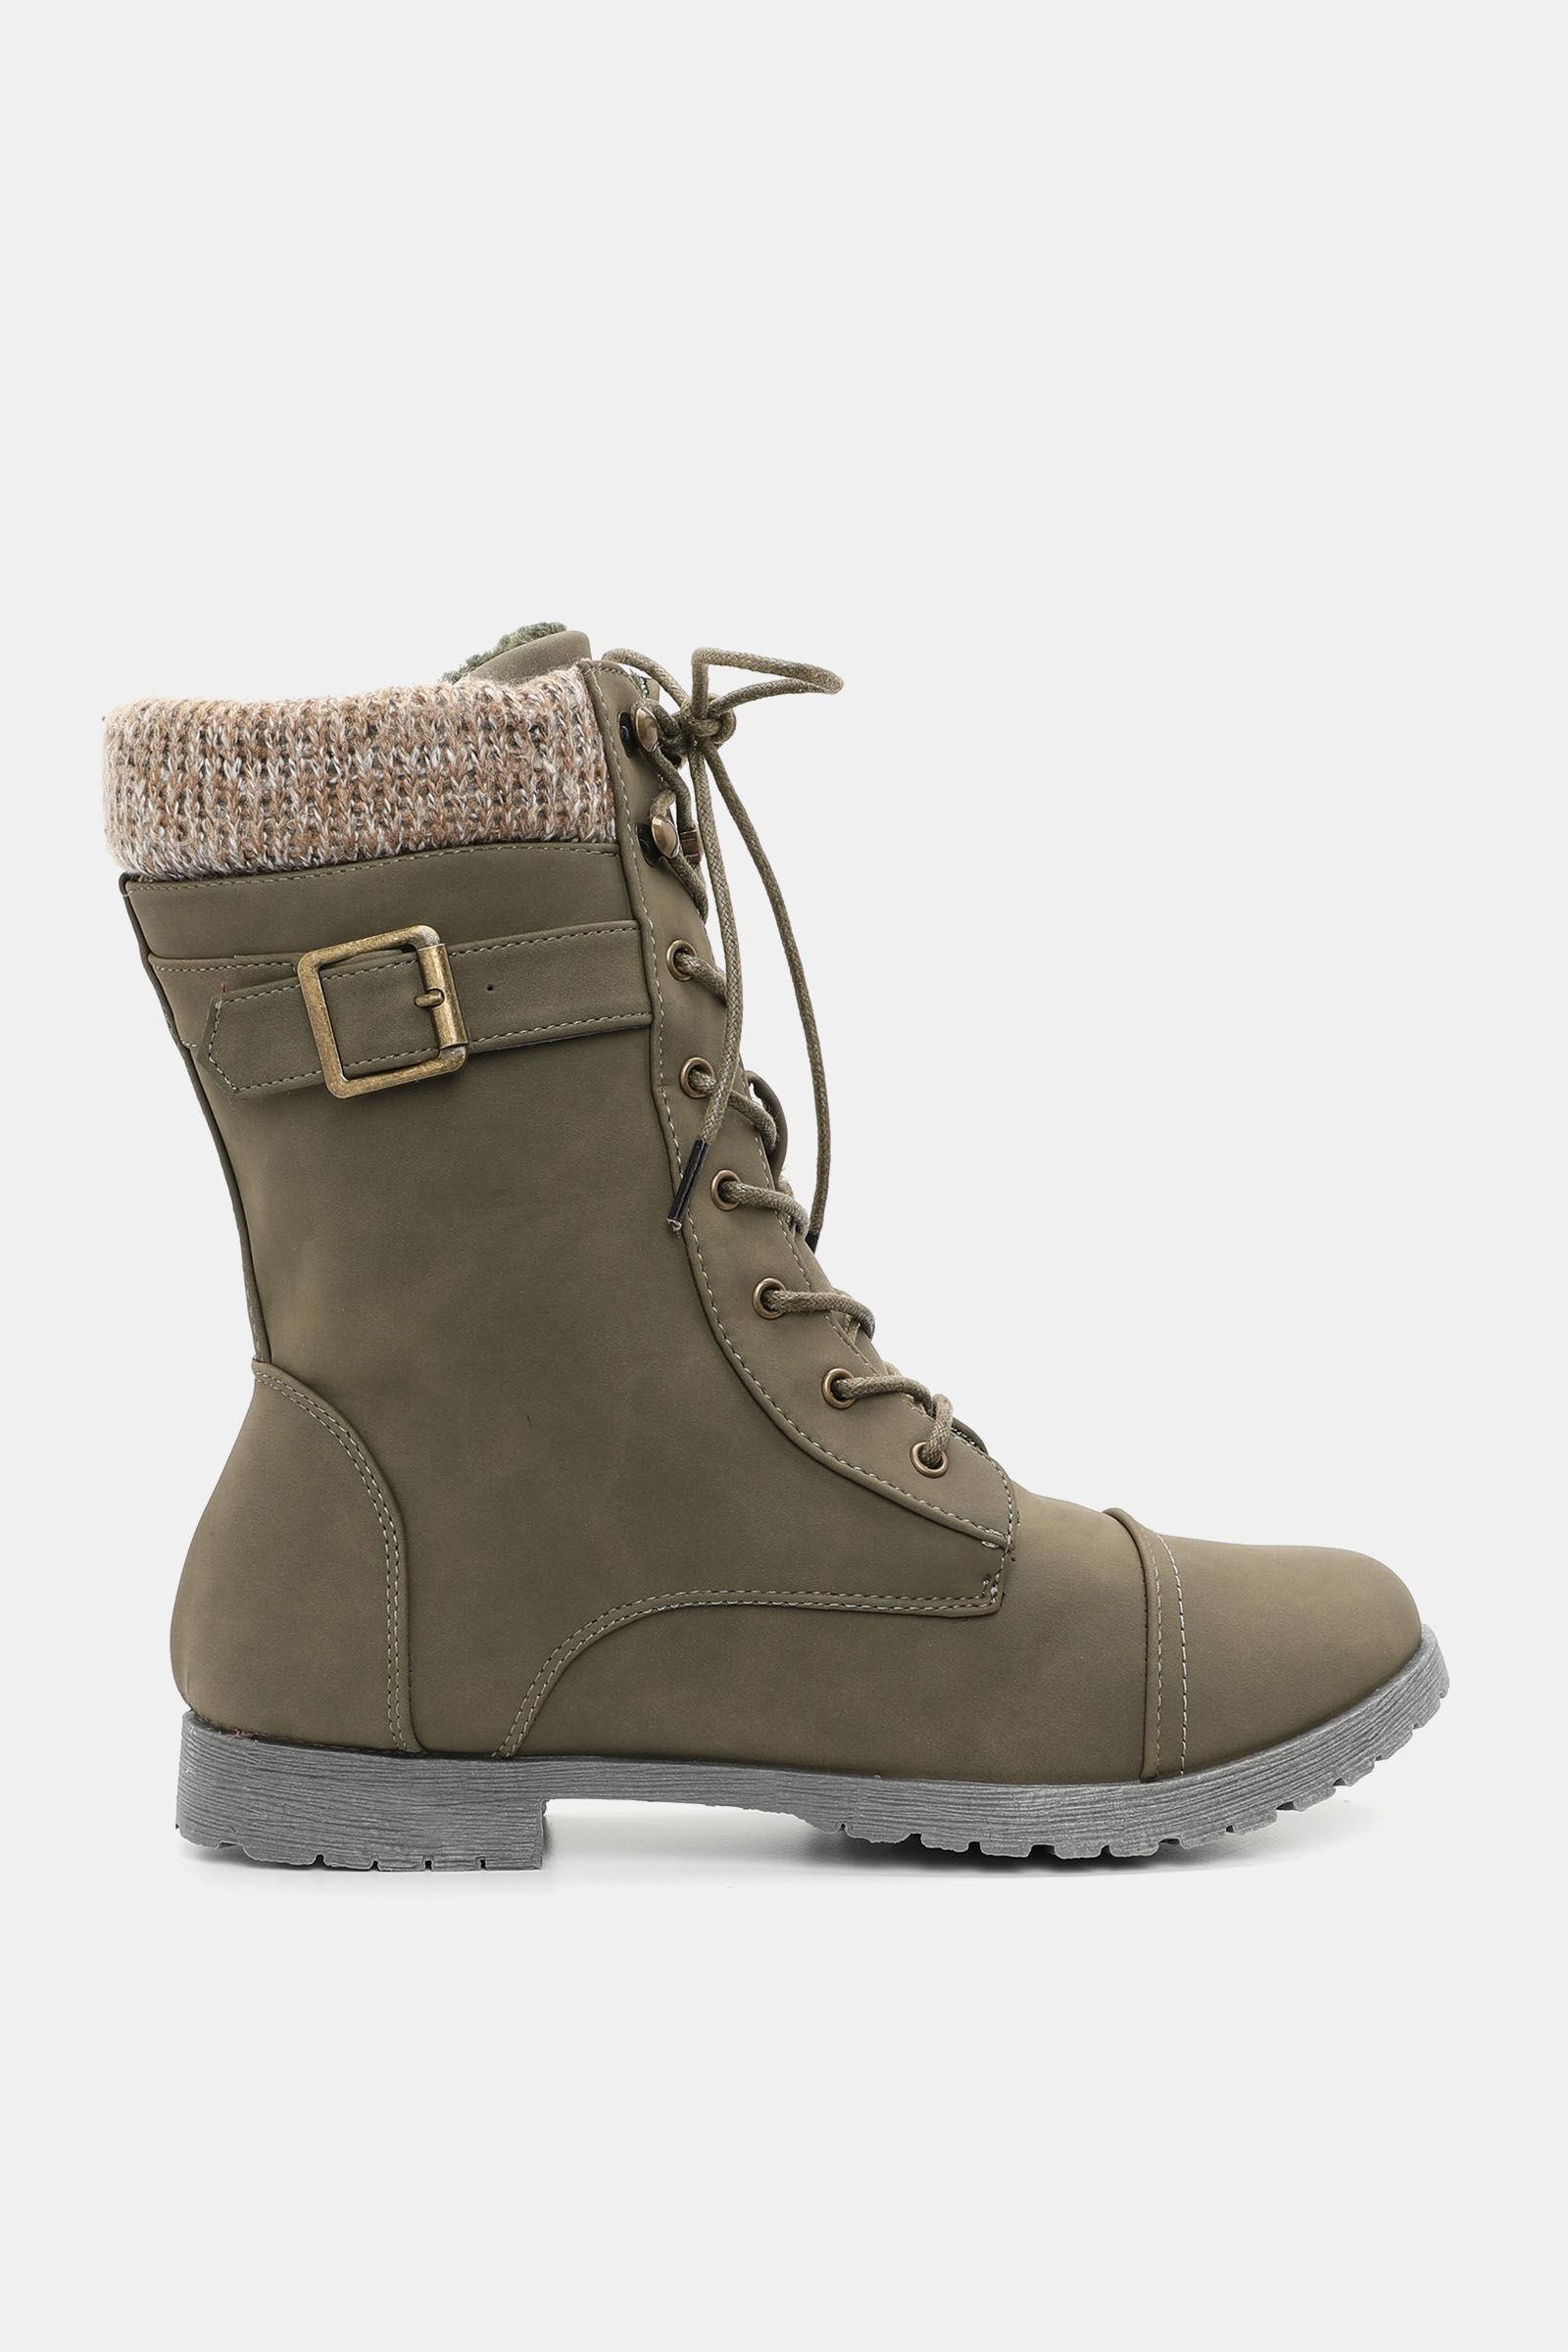 Chaussures Chaussures Pour Pour Ardène Femme Pour Chaussures Femme Ardène Chaussures Ardène Femme ZWXnaFg